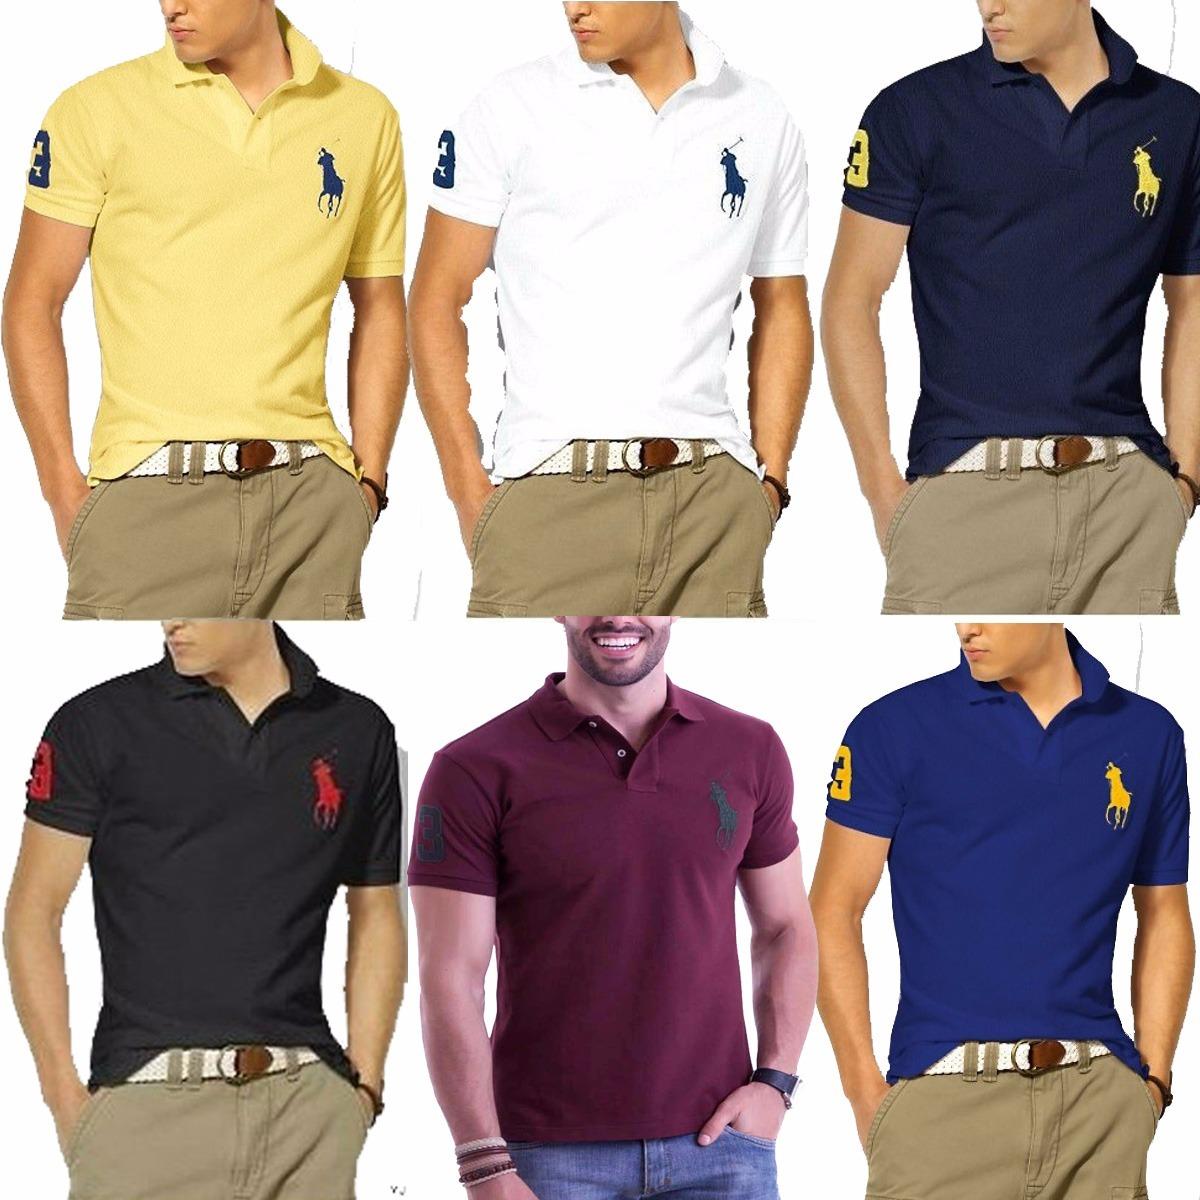 Kit 5 Camisas Camisetas Revenda Gola Polo Masculina Atacado - R  89 ... 8c86dd27ade94